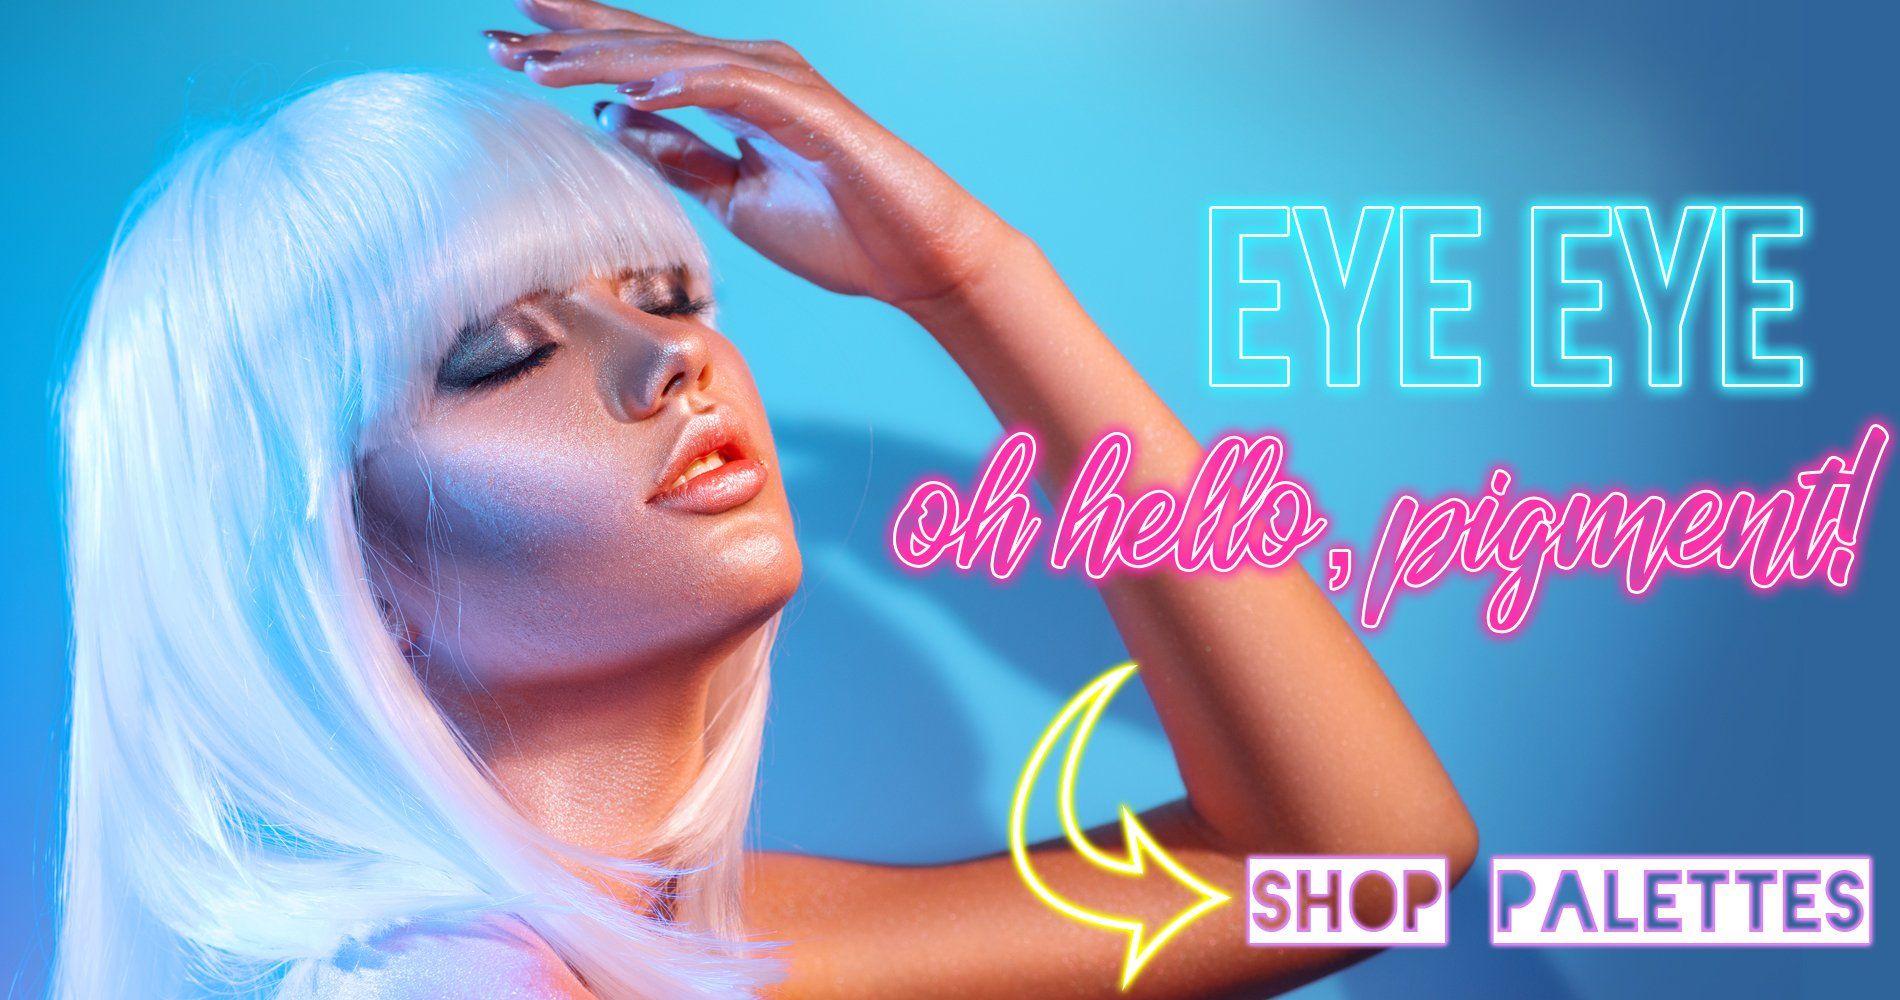 Jolie Beauty Cruelty Free Makeup & Cosmetics in 2020